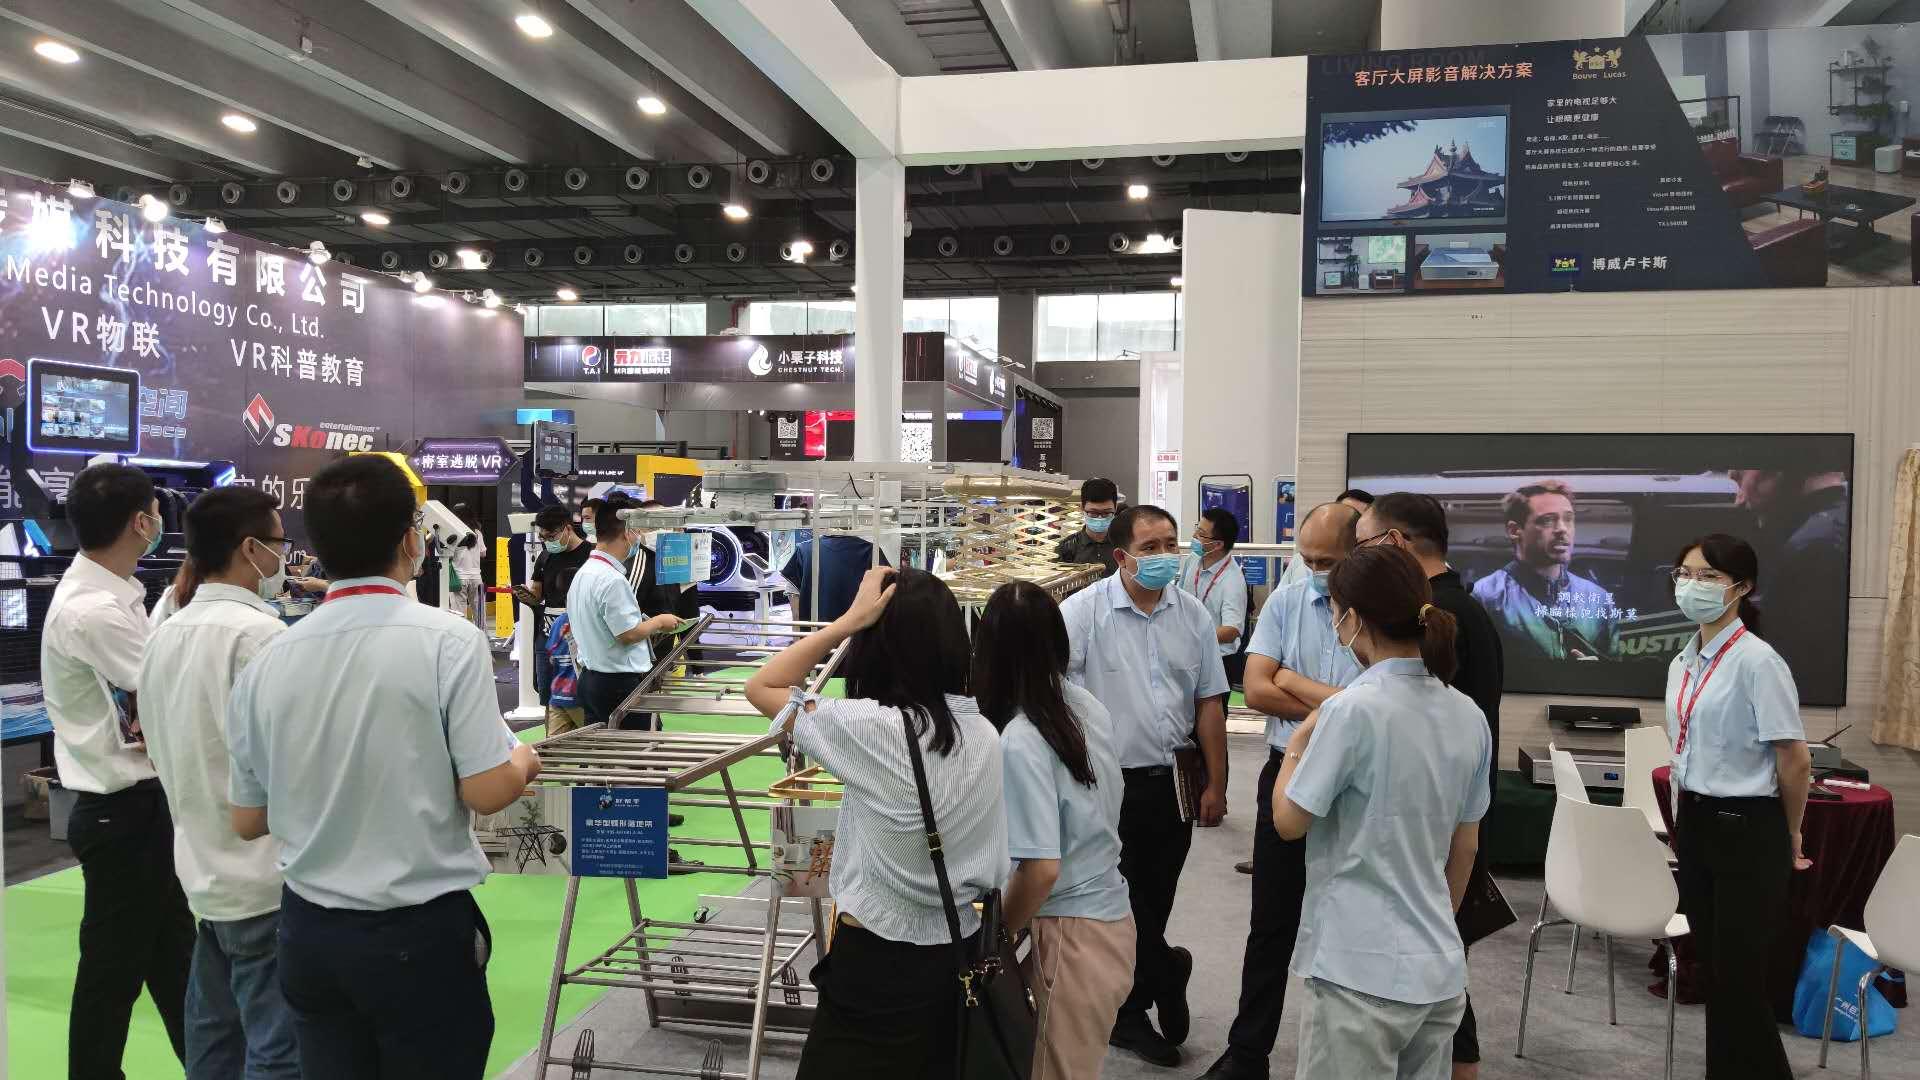 news-XY Screens-Xiong-Yun Industries at 2020 Asia Digital Display Showcase Expo-img